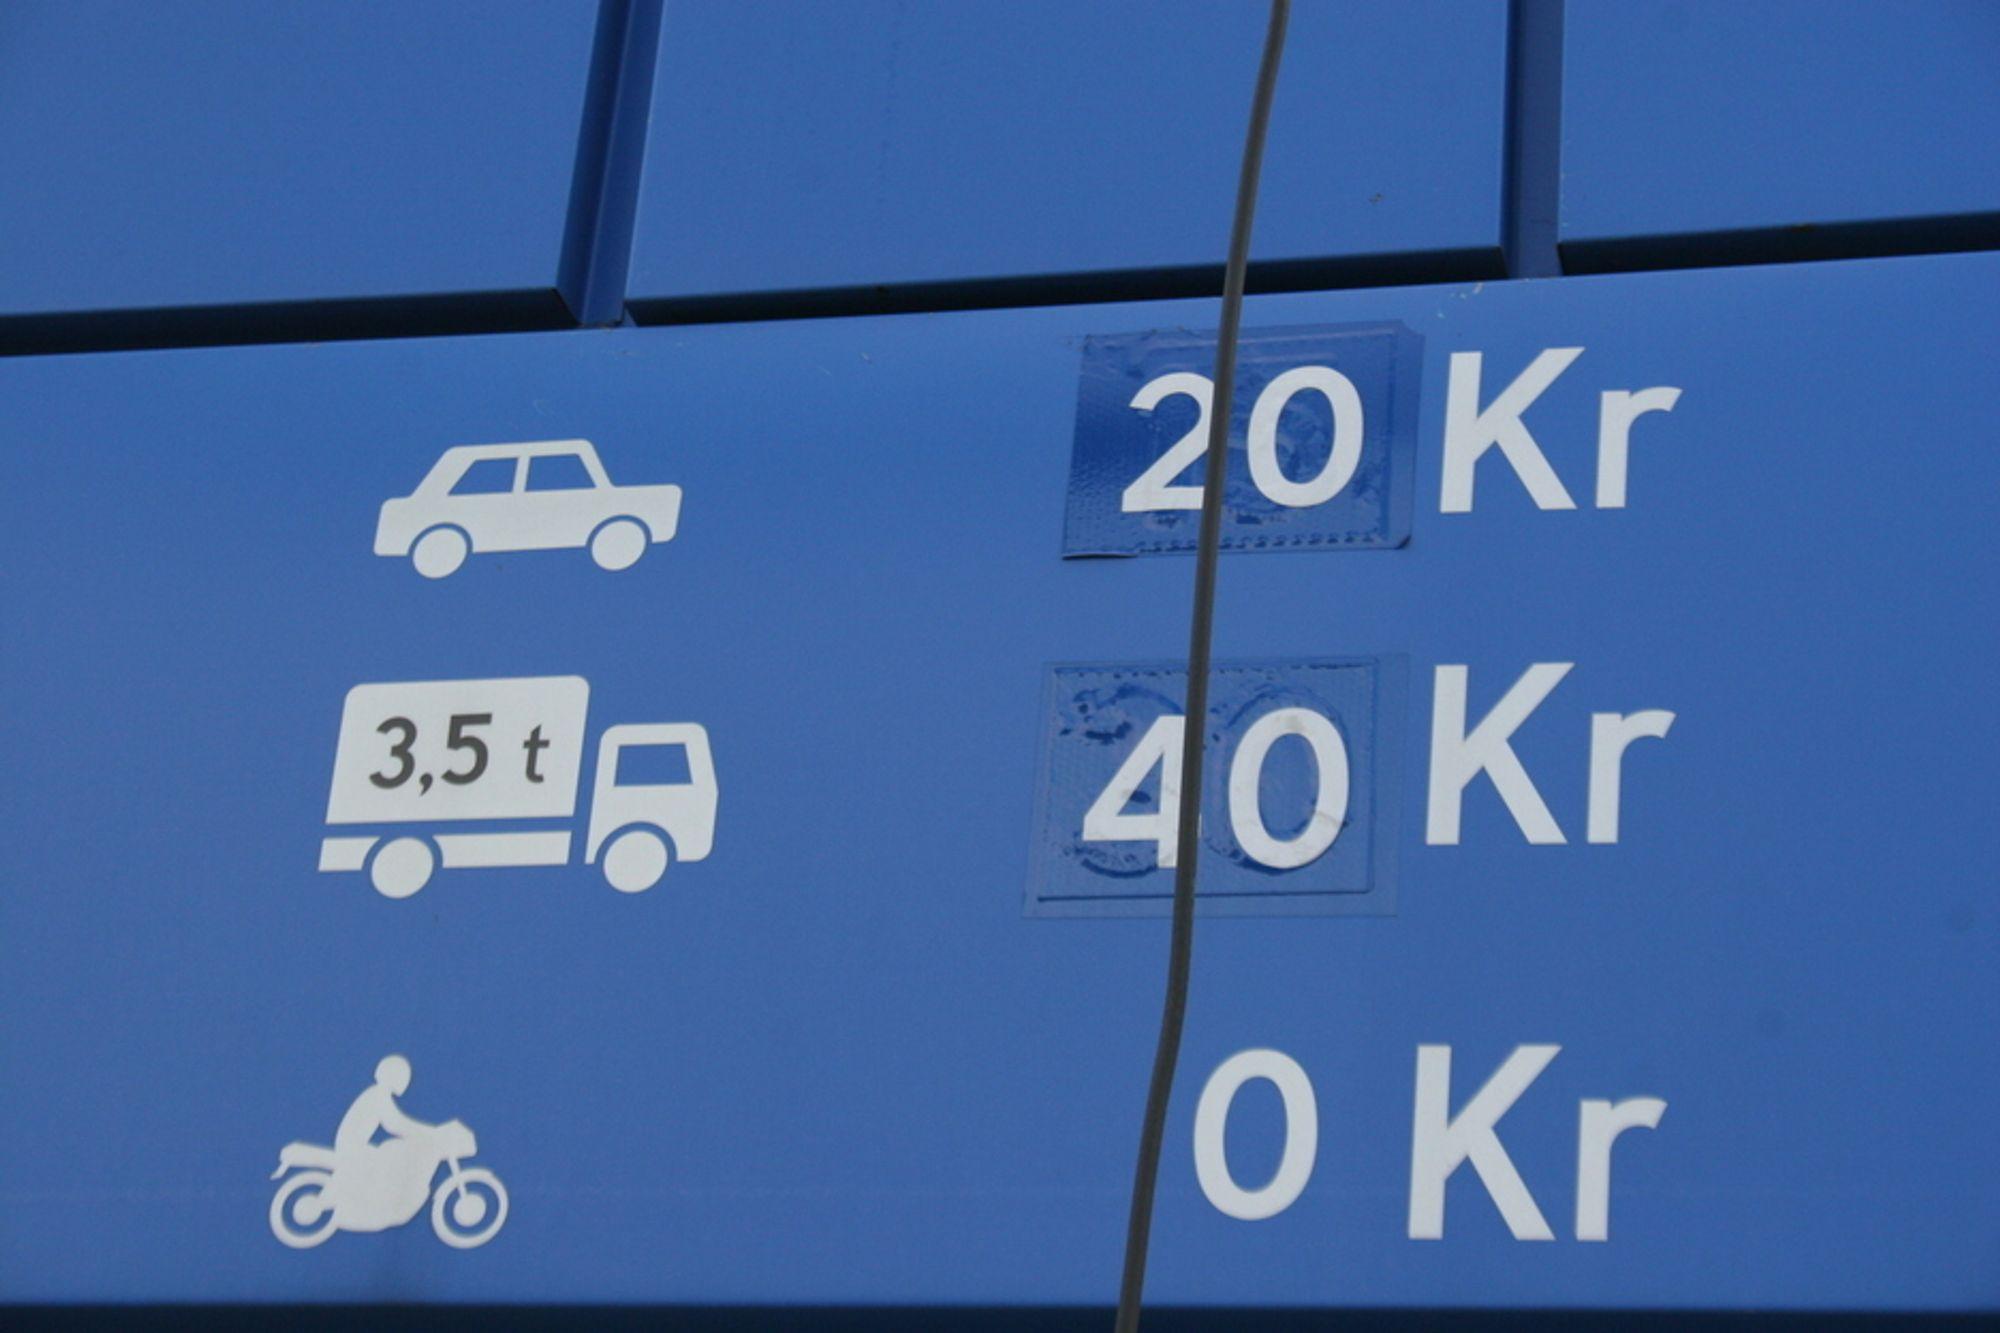 For hver krone staten spytter inn i norske veiprosjekter, må bilistene dekke en krone selv.